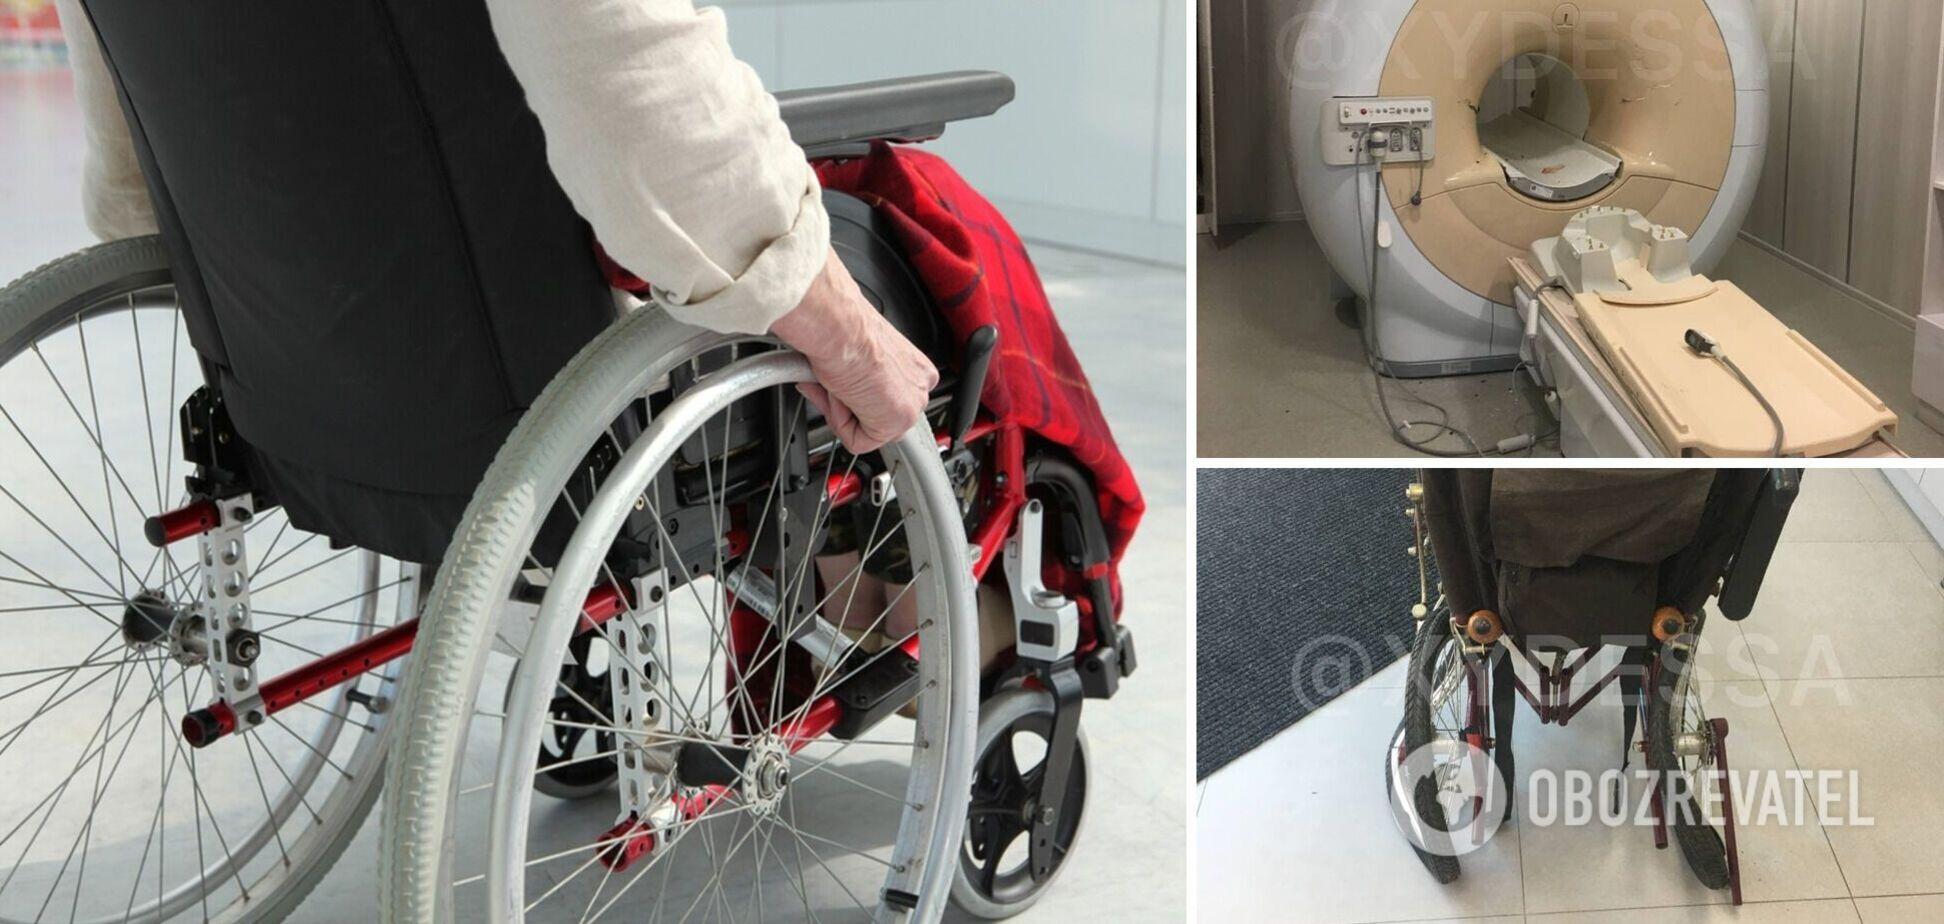 В Одесі пацієнтку в інвалідному візку 'засмоктало' в апарат МРТ. Фото